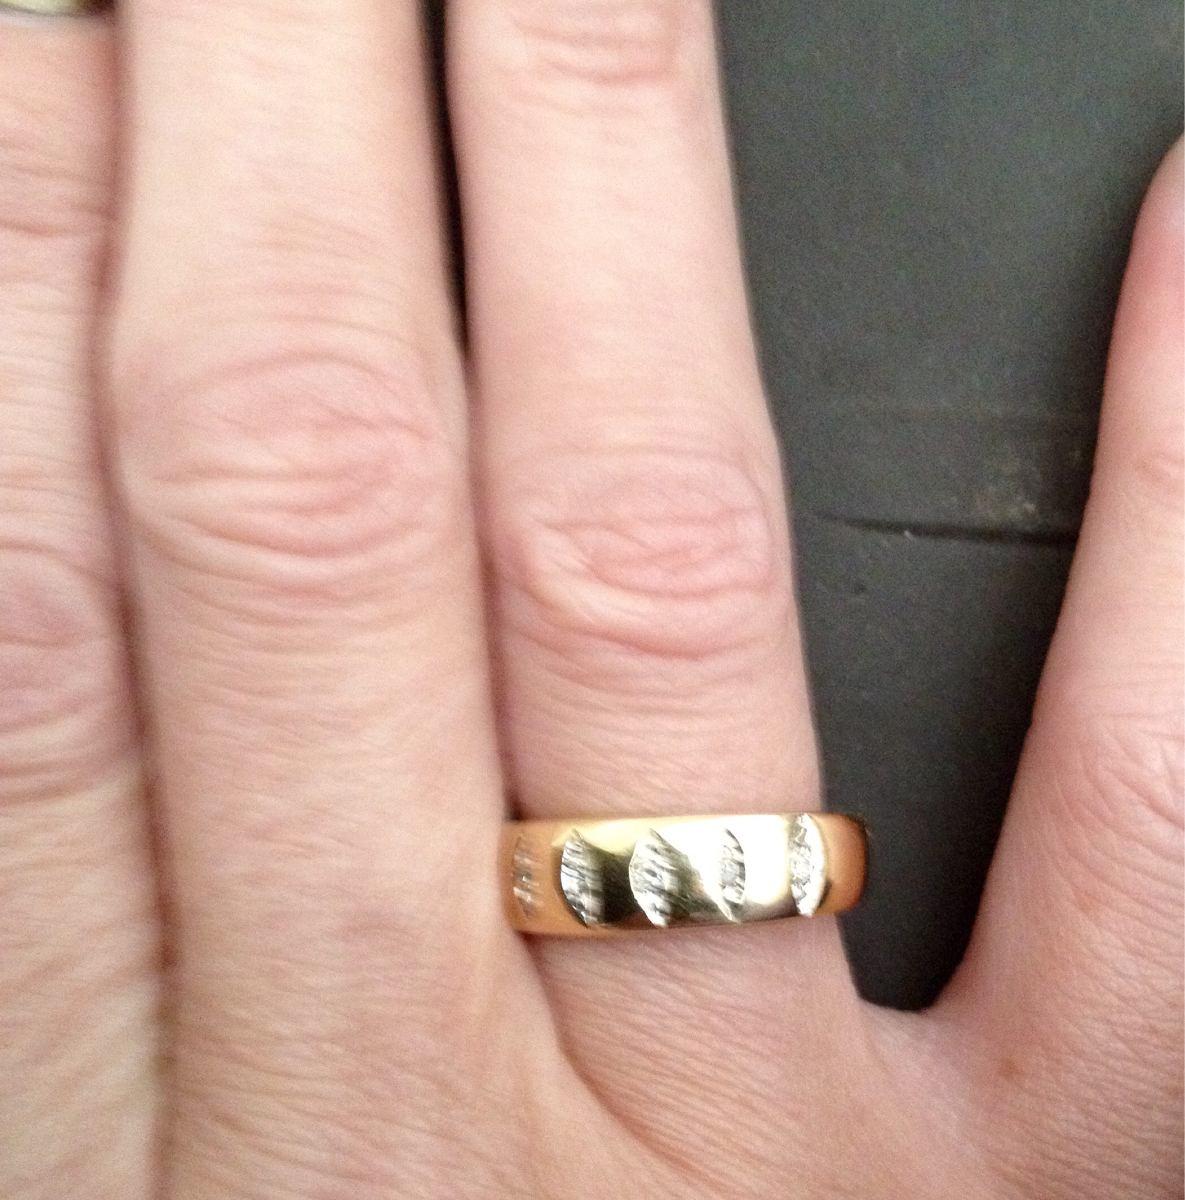 Artesanato Natal Com Rolo De Papel Higienico ~ Anel aparador De Alianças Vivara Ouro18k Diamantes! R$ 520,00 em Mercado Livre